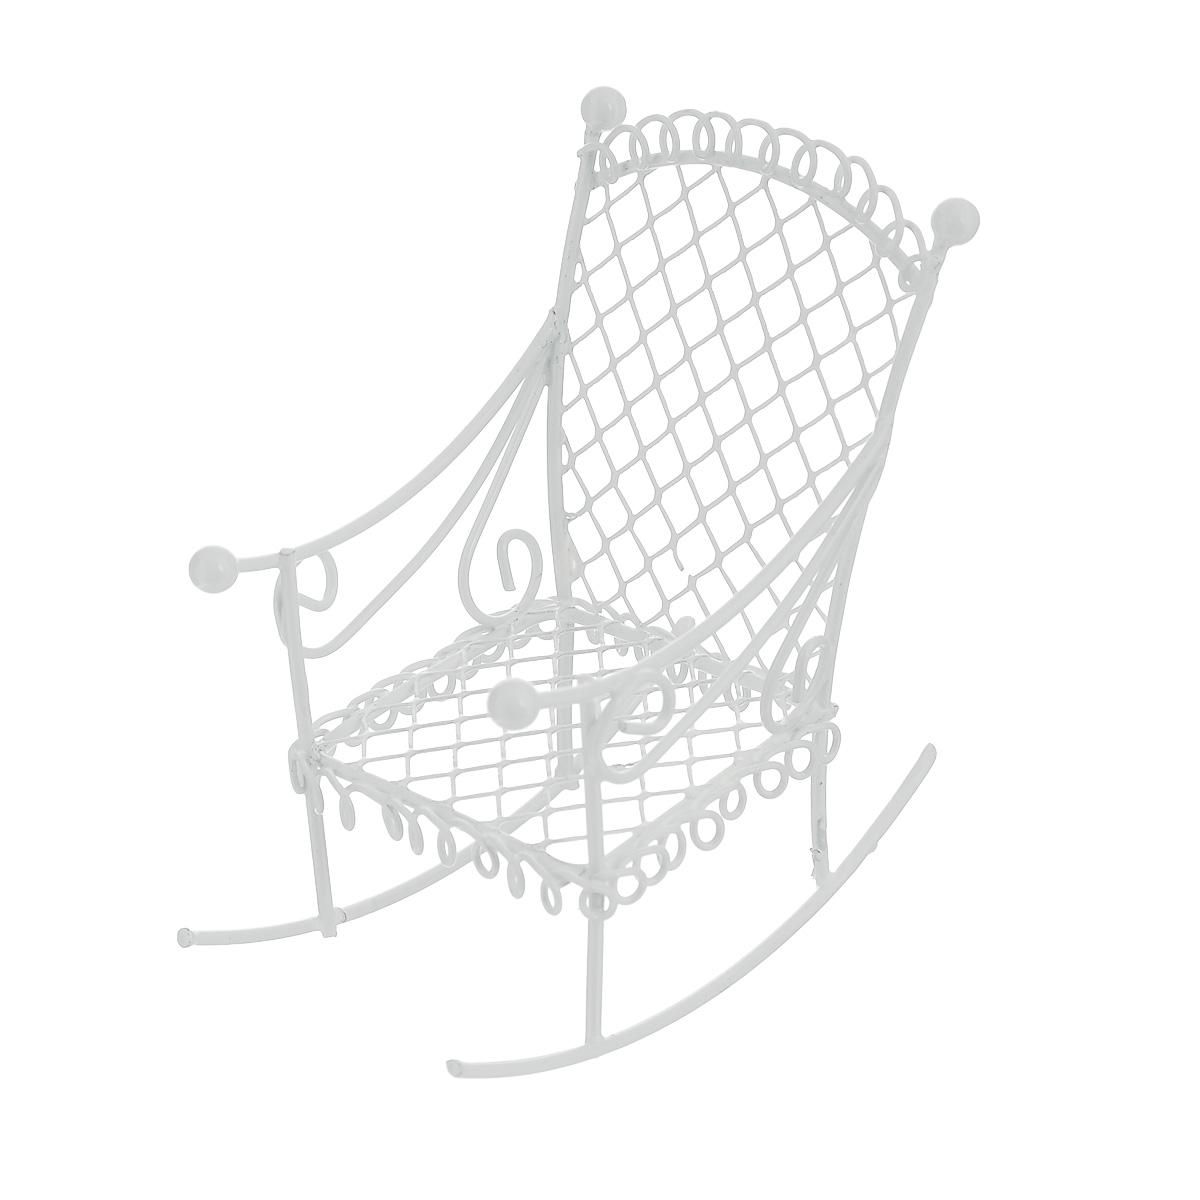 Миниатюра кукольная ScrapBerrys Кресло-качалка, цвет: белый54 009318Миниатюра кукольная ScrapBerrys Кресло-качалка изготовлена из металла в виде кованого кресла. Такая миниатюра прекрасно подойдет для декорирования кукольных домиков, а также для оформления работ в самых различных техниках. С ее помощью можно обставлять румбокс. Можно использовать в шэдоубоксах или просто как изысканные украшения для скрап-работ.